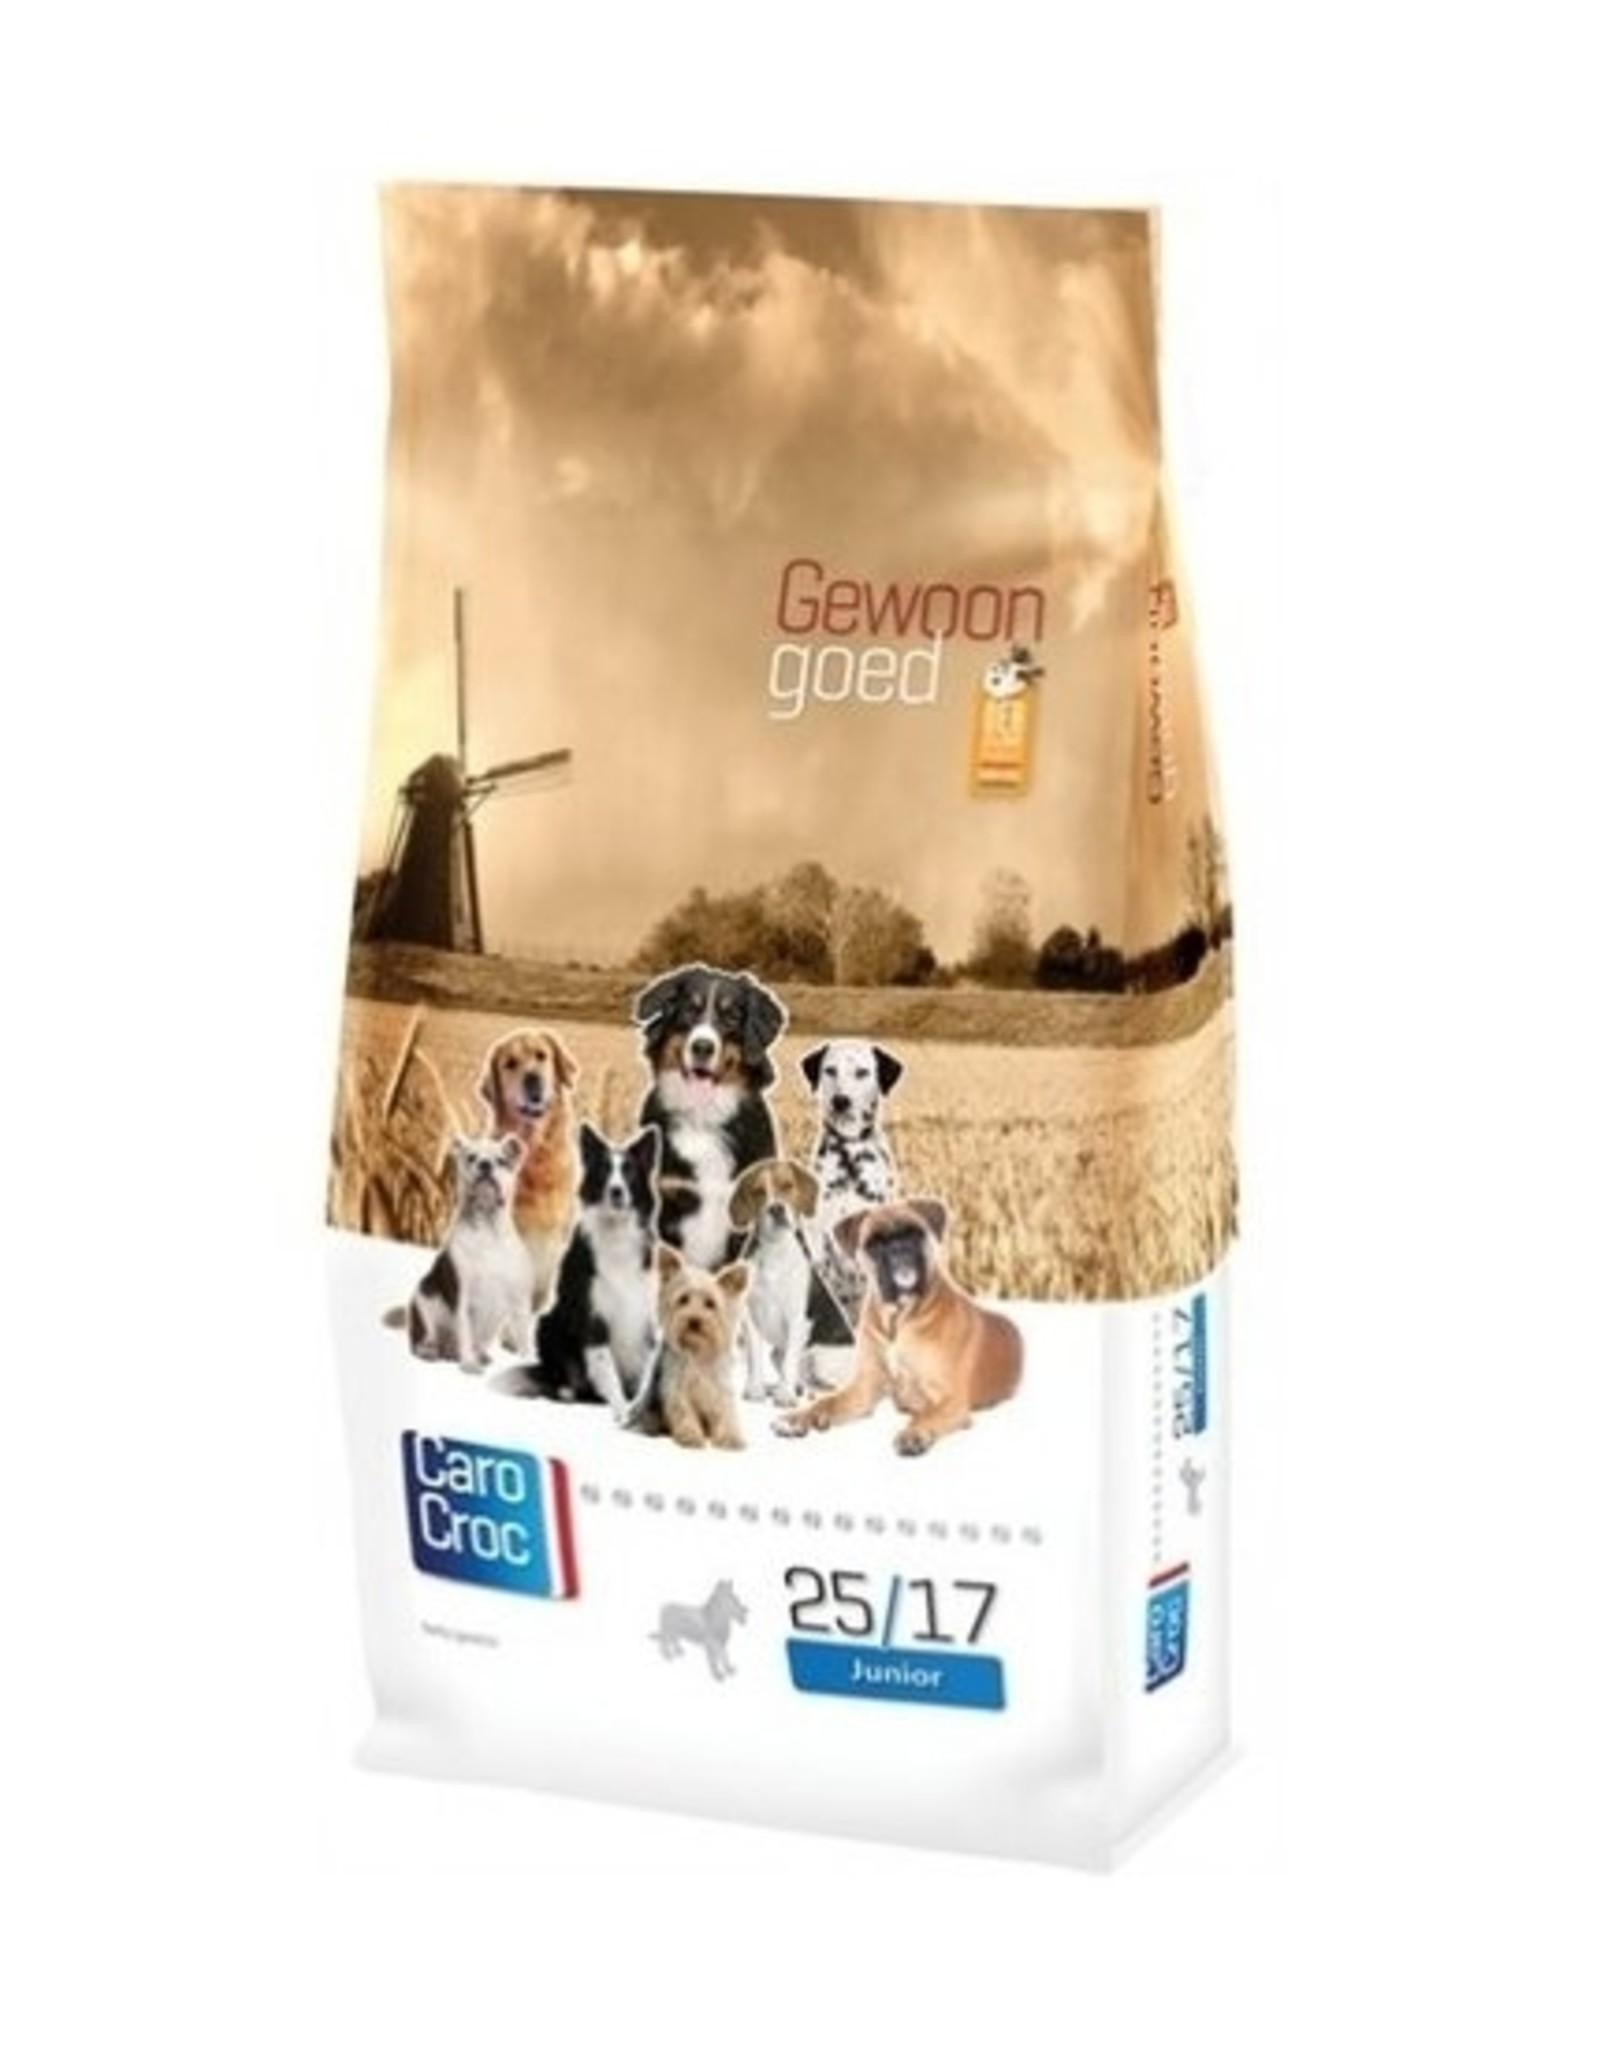 Sanimed Sanimed Carocroc Junior Canine 25/17 Chk Riz 3kg